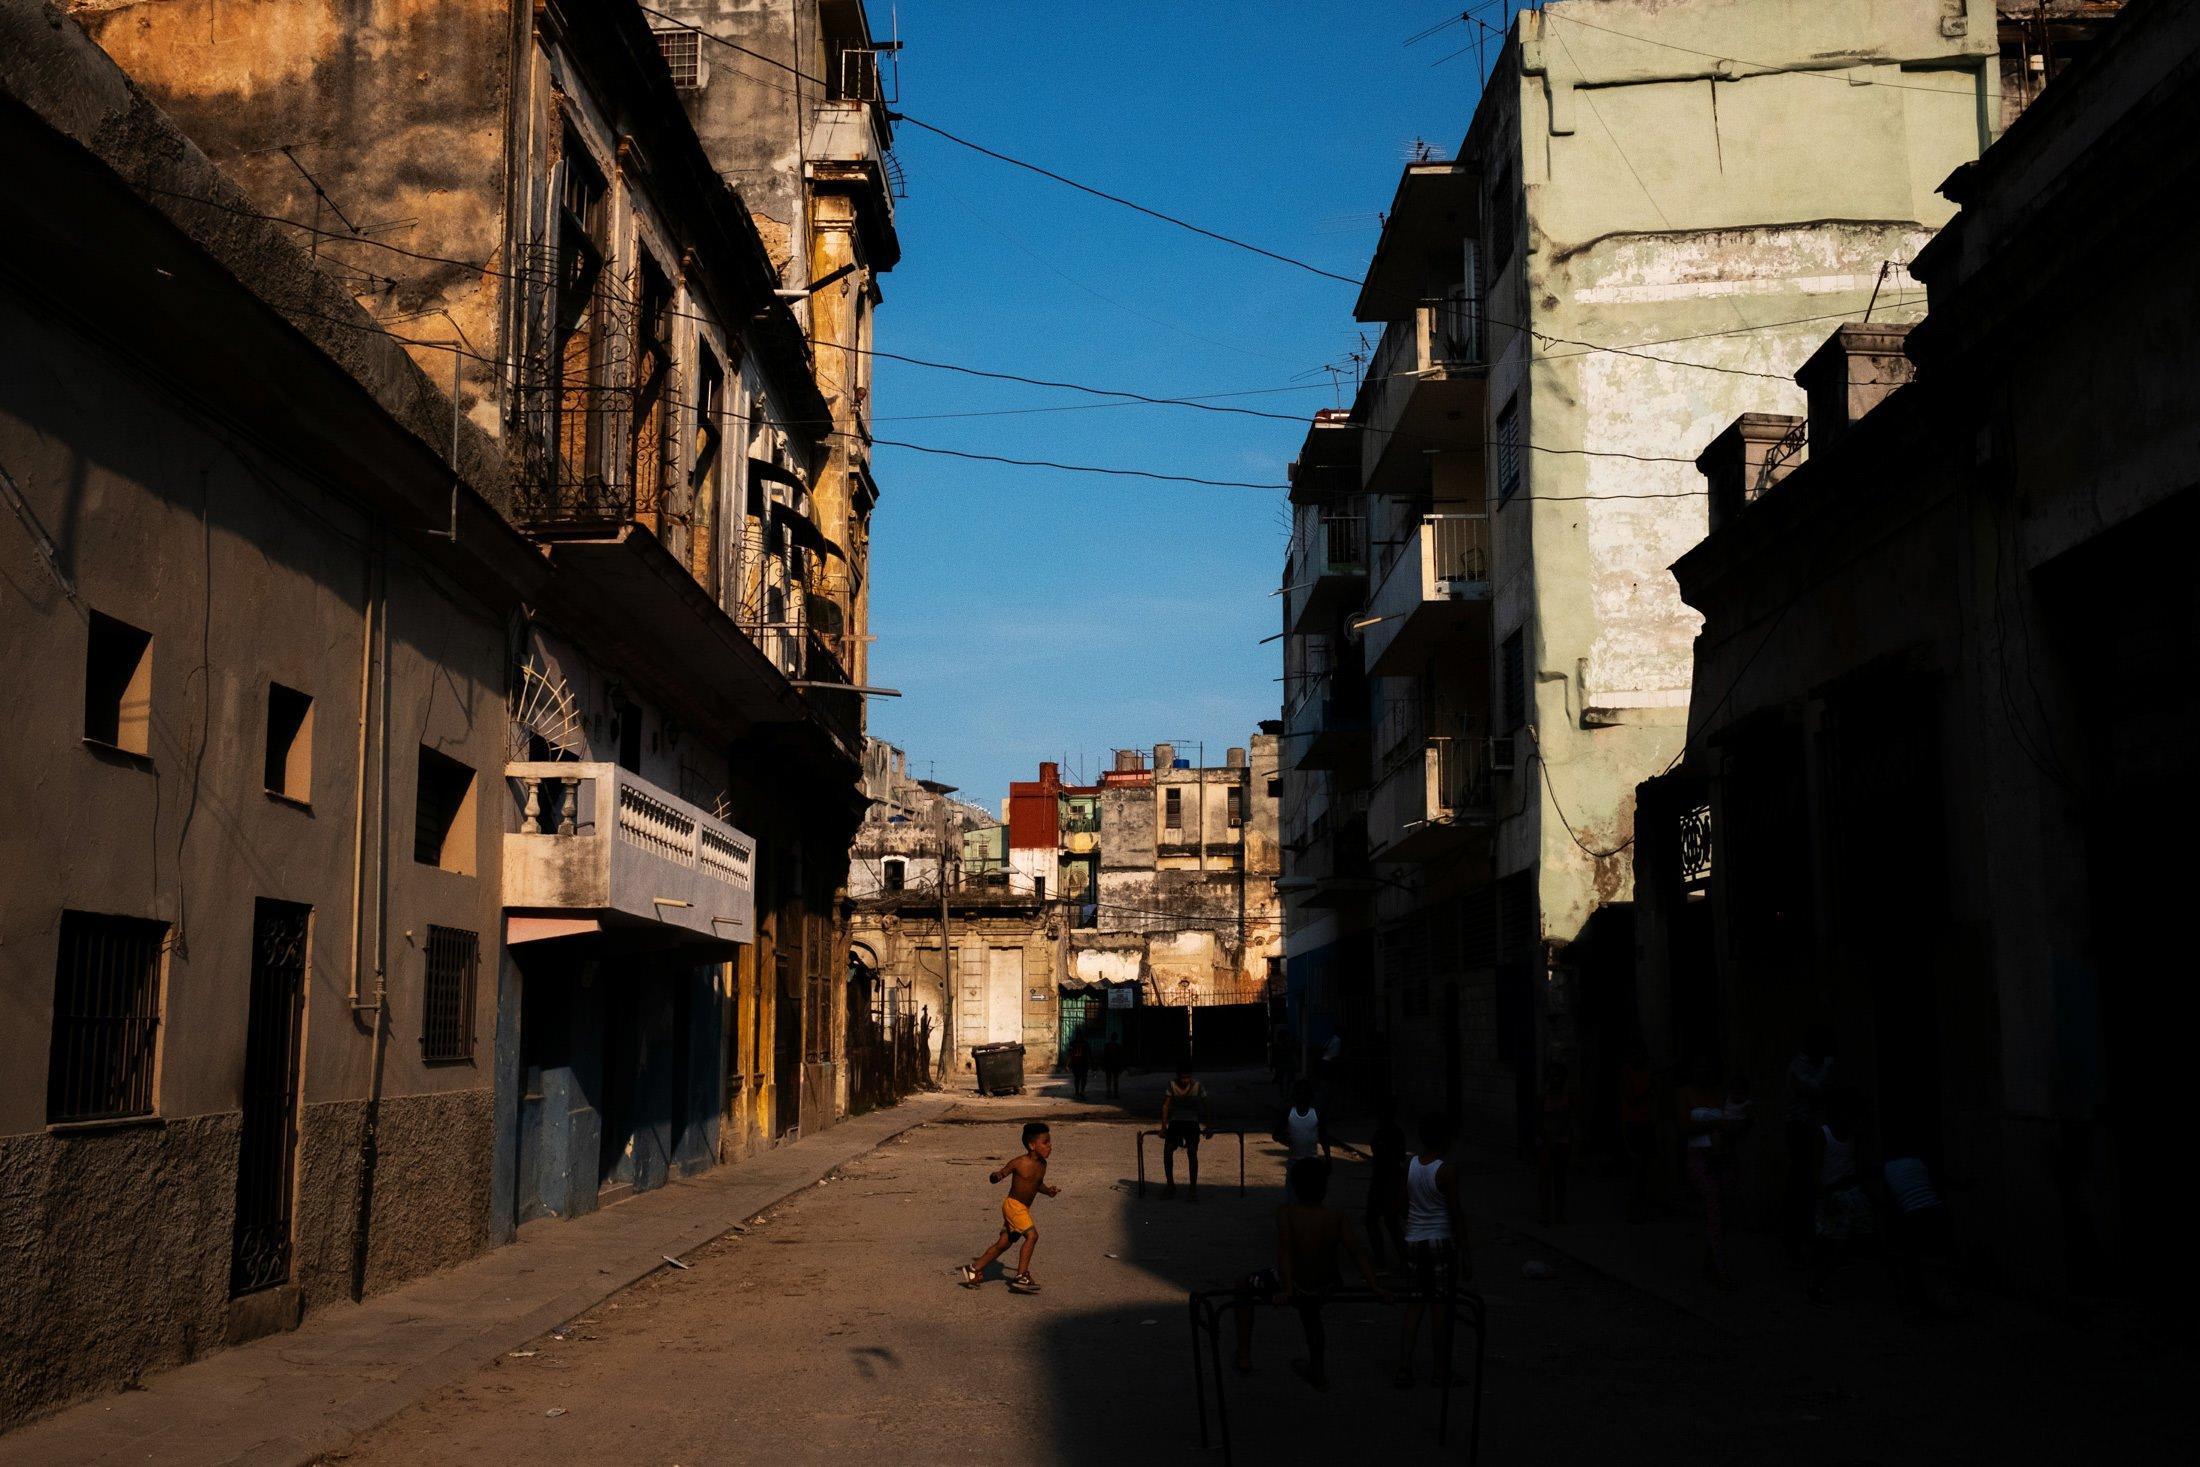 little boy running in the streets of Havana, Cuba